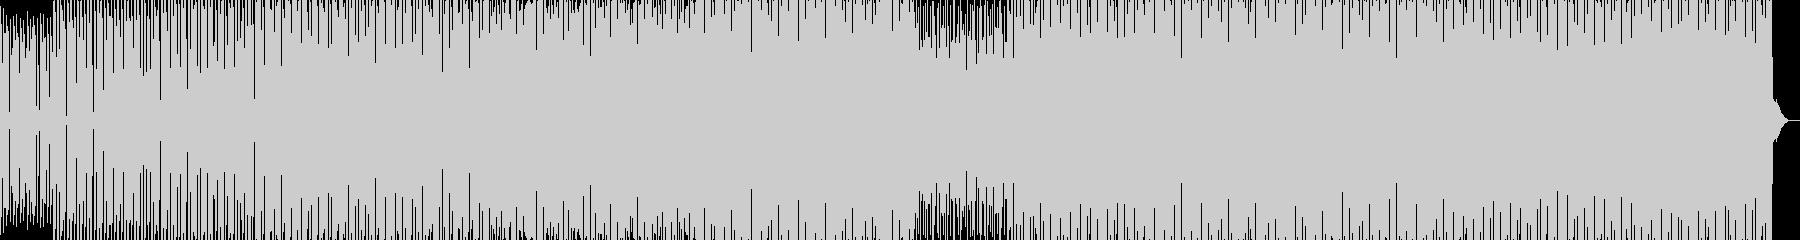 スピード感デトロイトテックハウストランスの未再生の波形